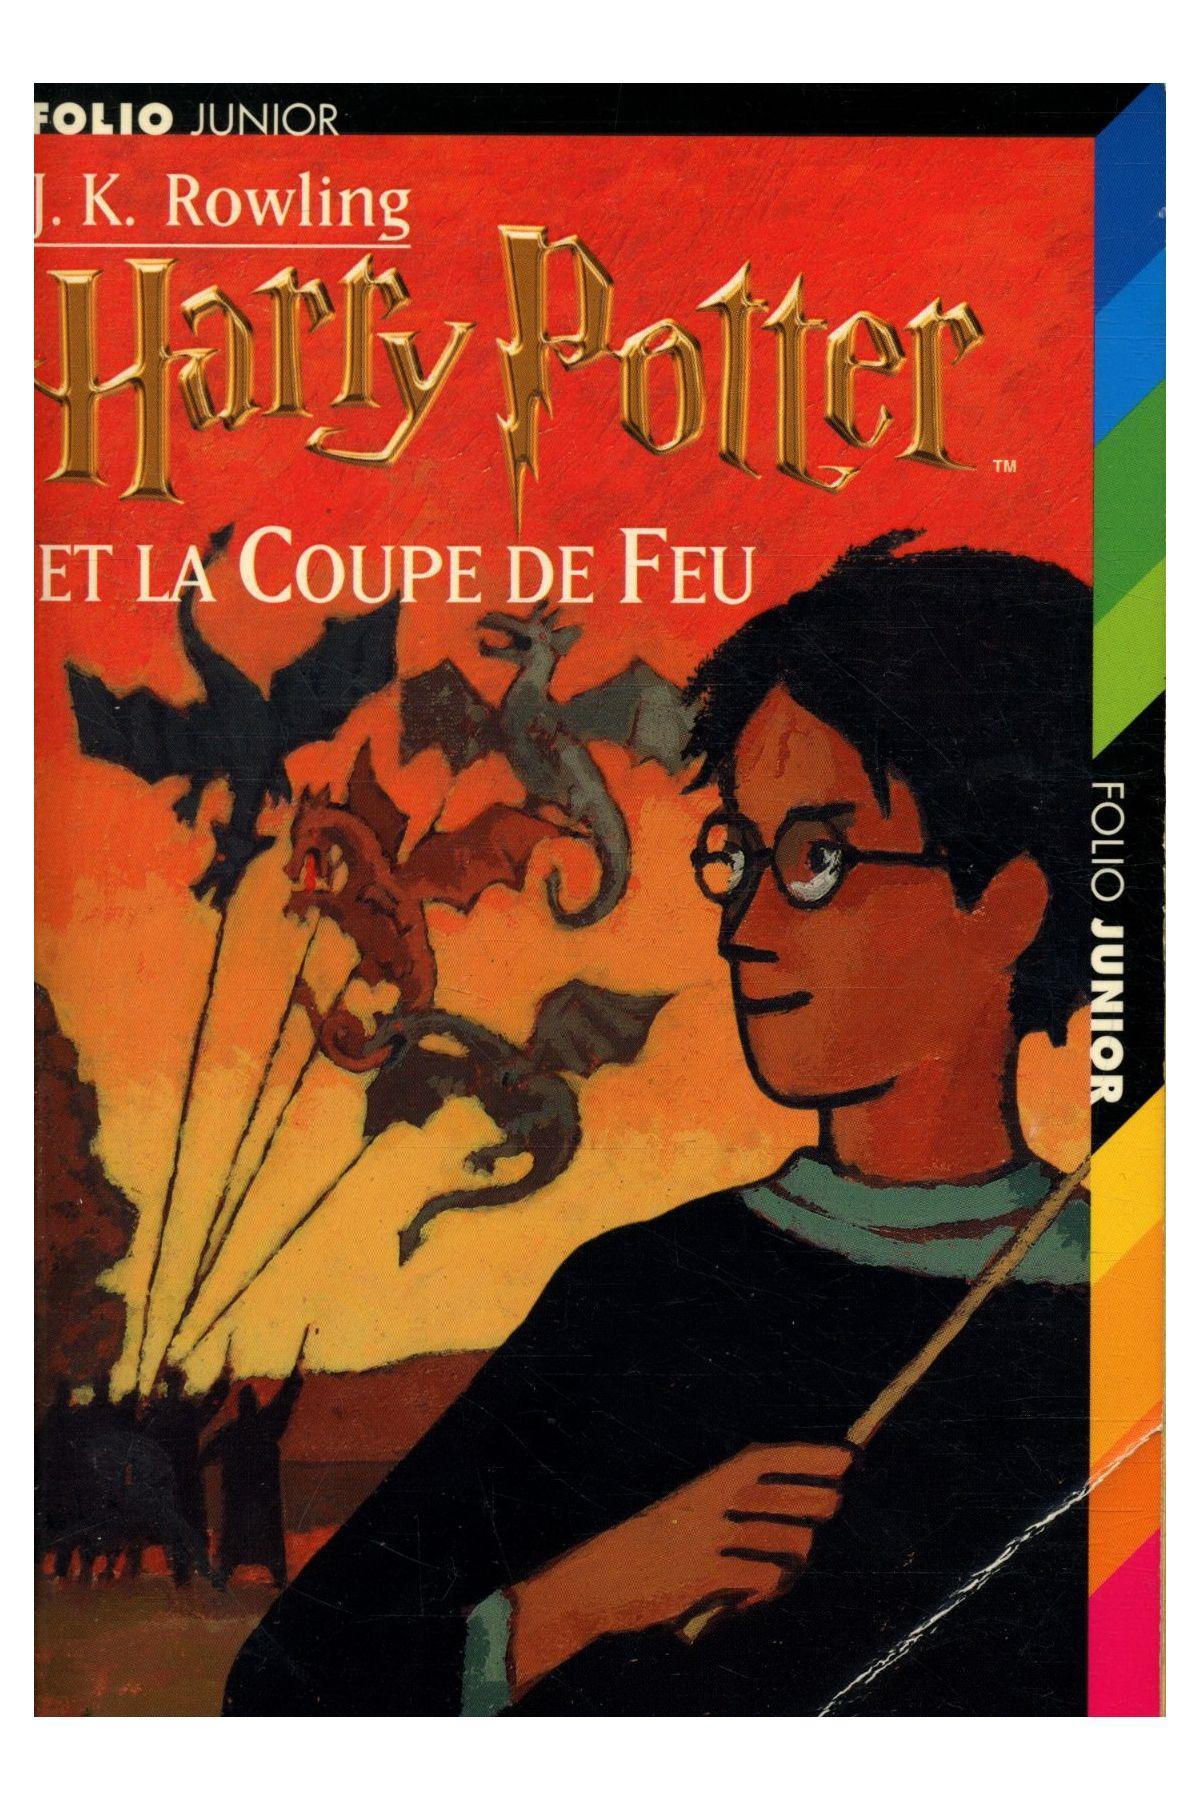 Livre harry potter t 4 harry potter et la coupe de feu joanne kathleen rowling - Harry potter et la coupe de feu livre en ligne ...